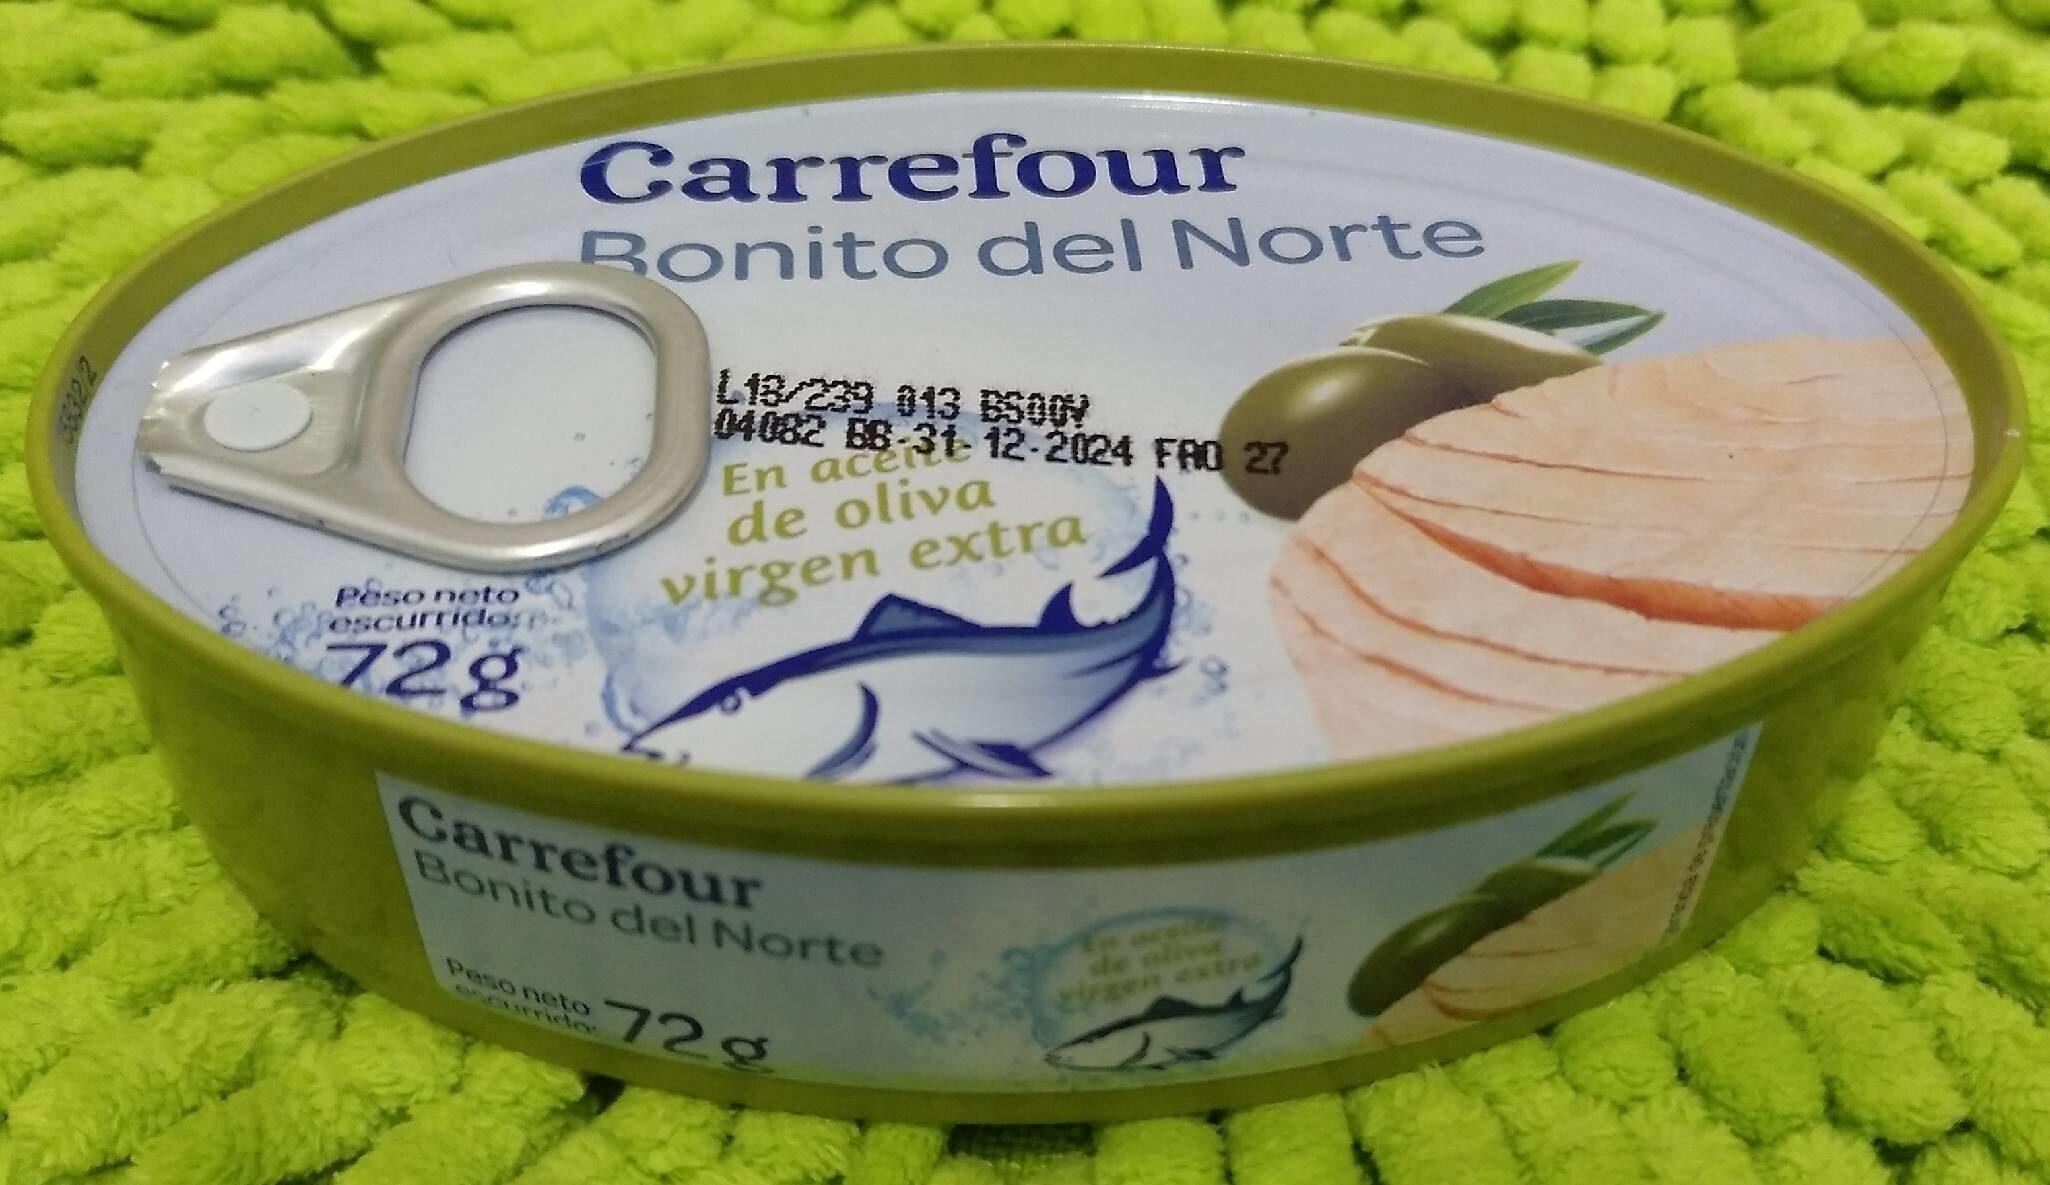 Bonito del Norte (en aceite de oliva virgen extra) - Producto